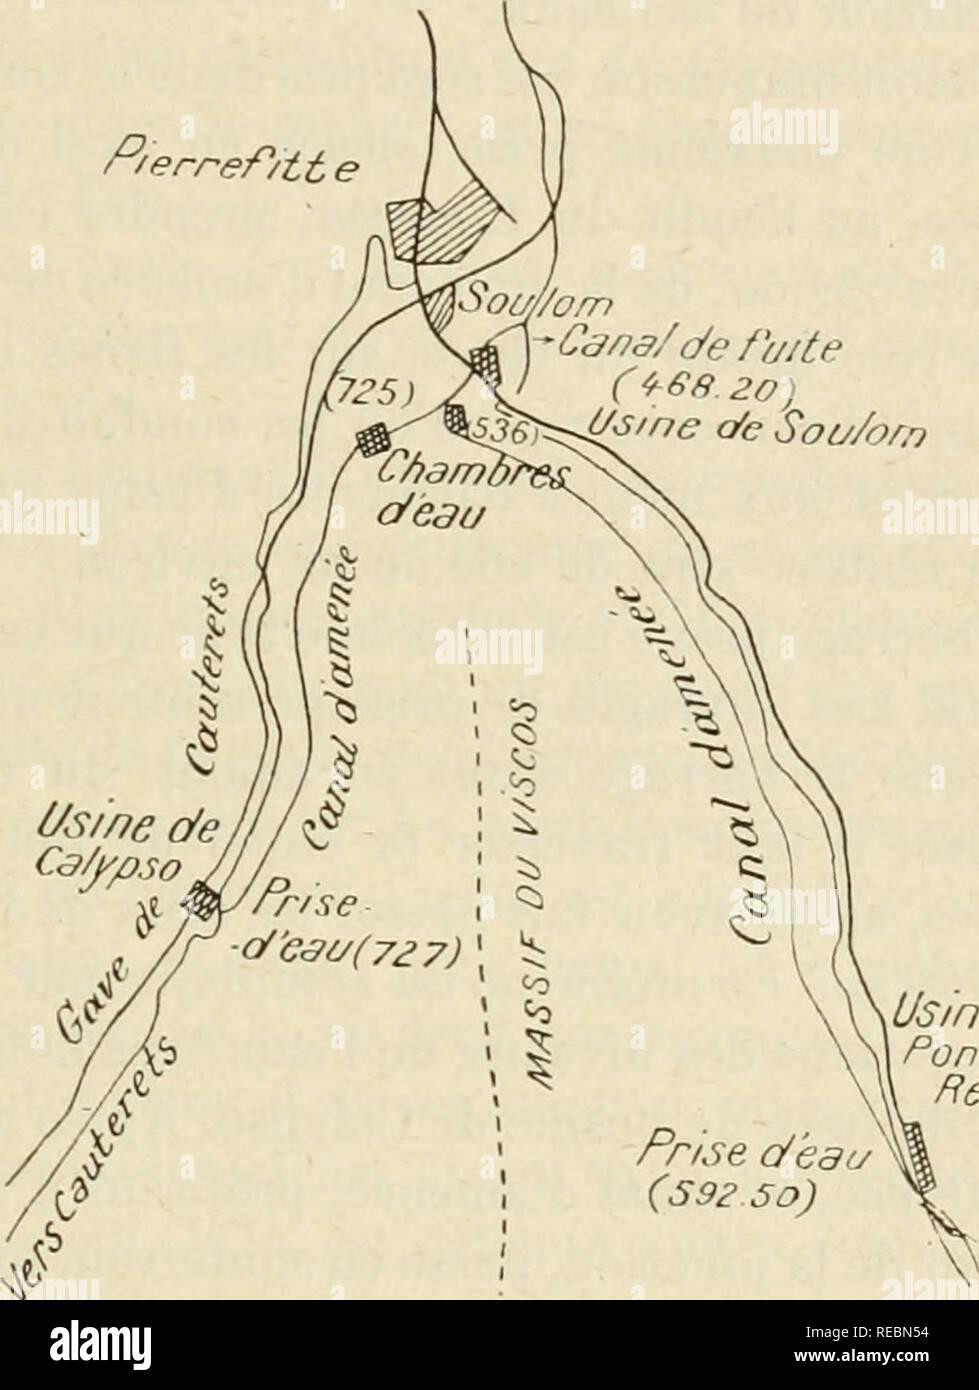 . Compte Rendu. La scienza; scienza -- Congressi. EYDOUX, ÃIECTRIFICATION DU RÃSEAU PYRÃNÃEN. P/erref/it e fitte-PIERREFITTE NESTALAS, se bifurque près de cette dernière localité en deux autres vallées, la vallée de Luz ou du Gave de Pau proprement dit à l'Est et la vallée de Caiiterets à l'Ouest {voir croquis annexé). Ces deux vallées sont desservies par les lignes d'intérêt local à voie de i m et à la trazione électrique de Pierrefitte à Cauterets. Elles sont séparées par onu massif montagneux dont Le dernier sommet caractéristique vers le Nord, où disparaît cette arête, s'appelle le pic de V Foto Stock